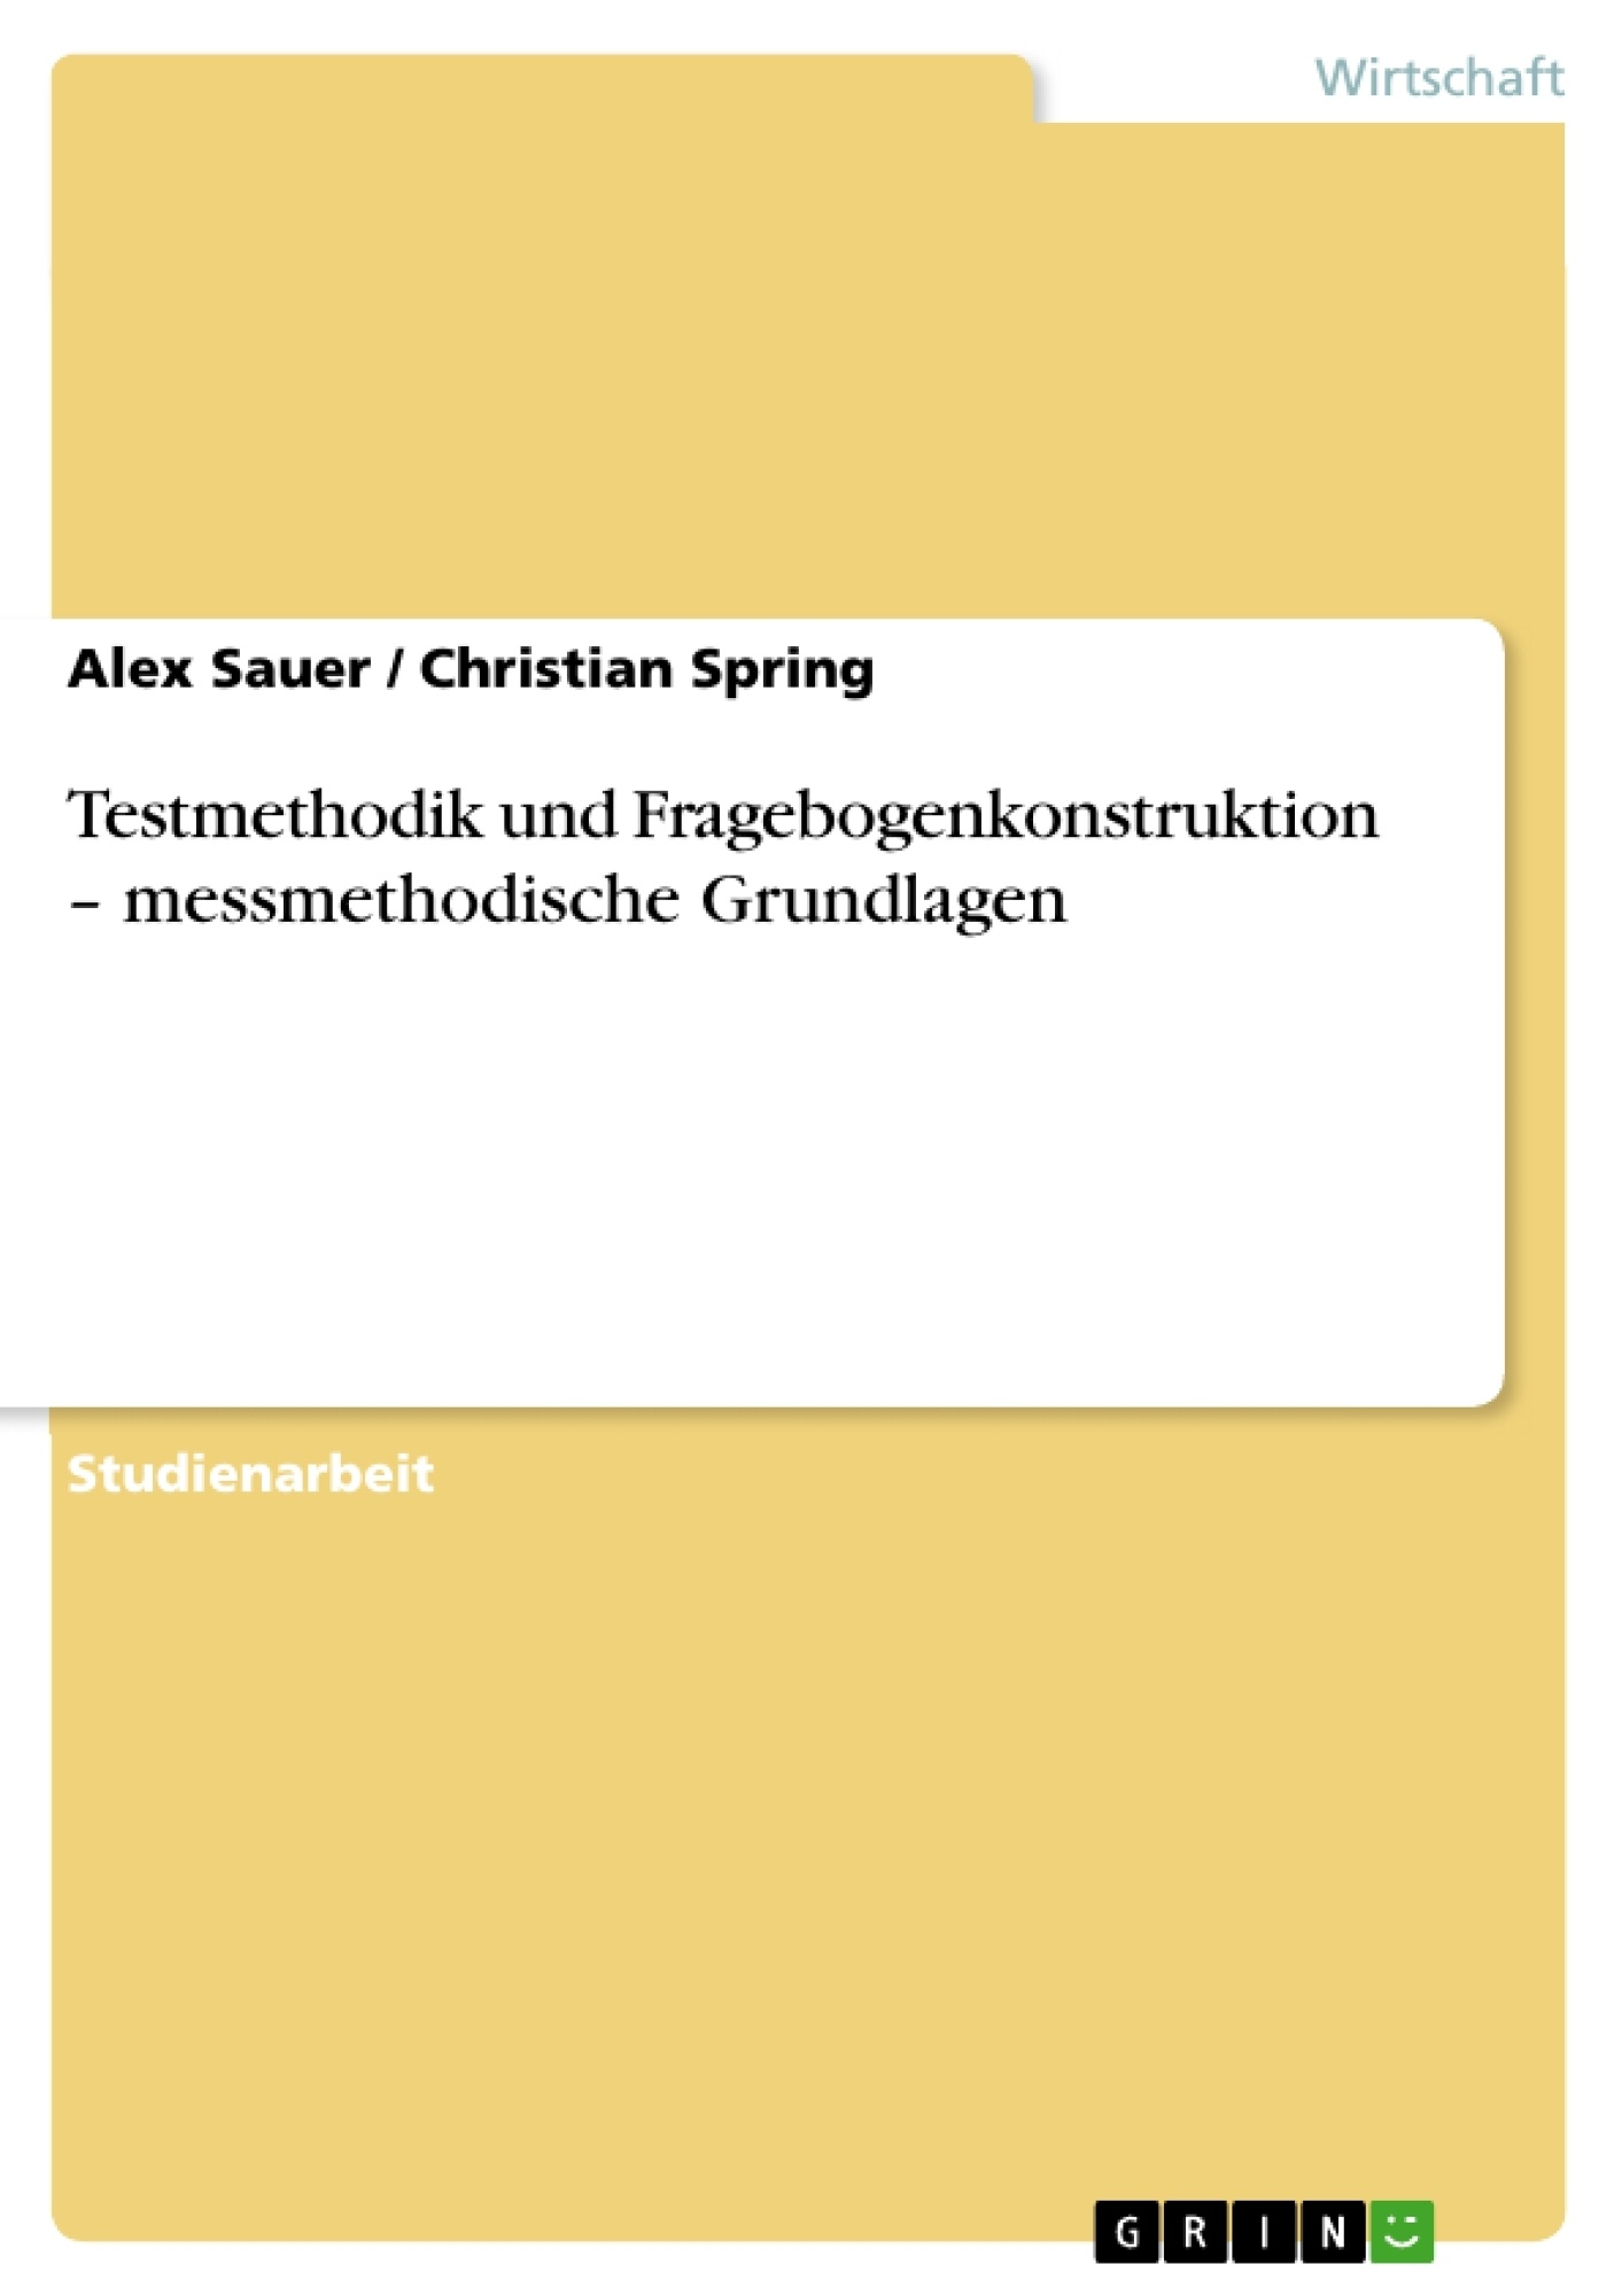 Titel: Testmethodik und Fragebogenkonstruktion – messmethodische Grundlagen